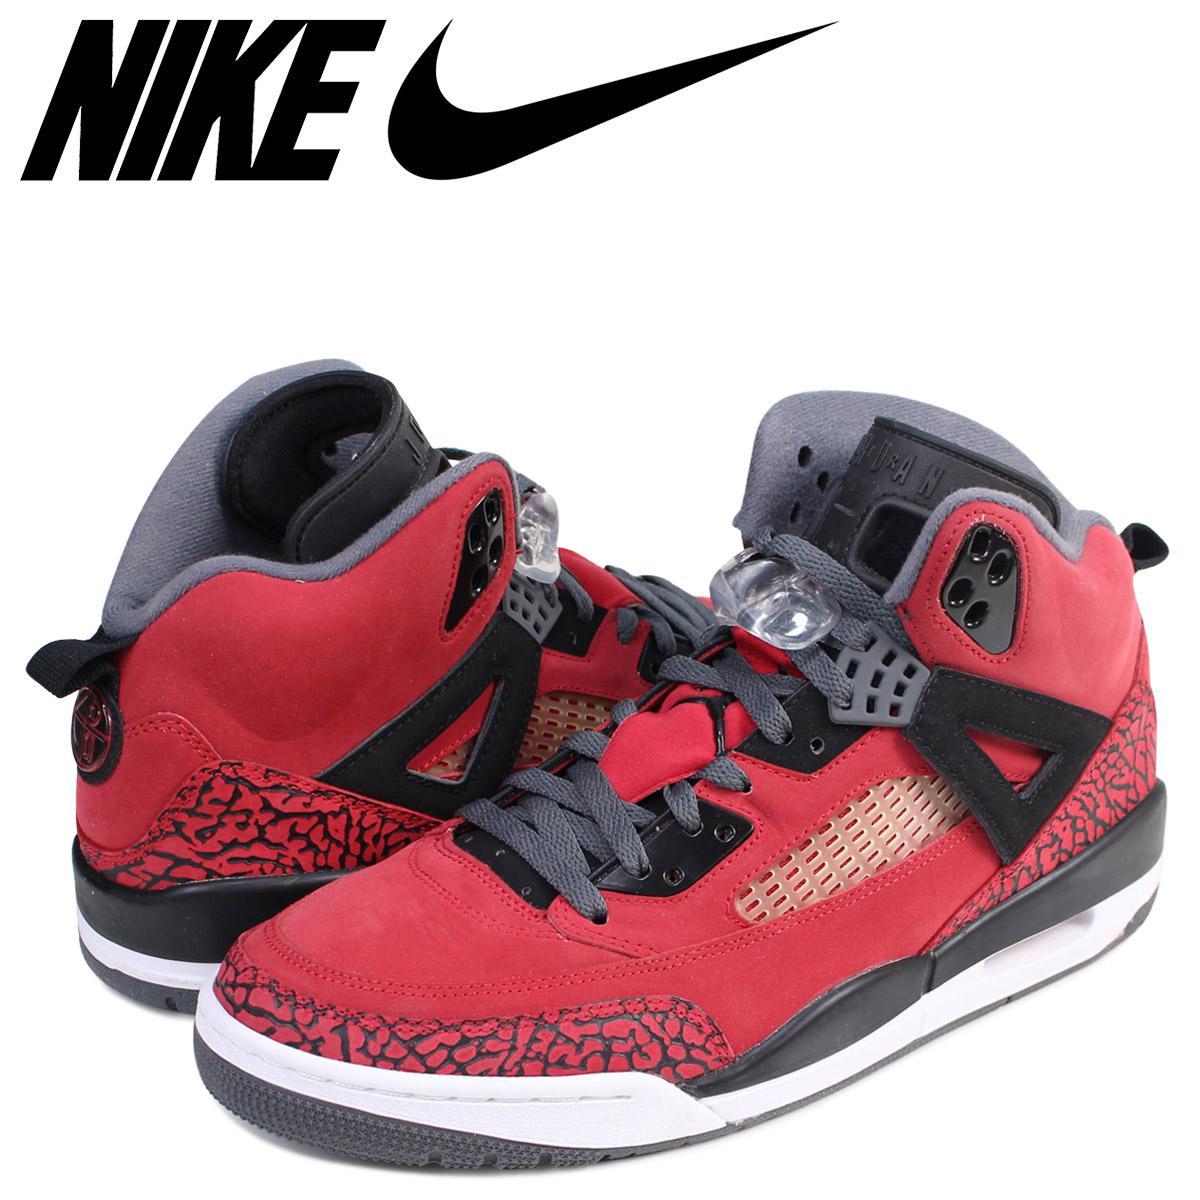 promo code 4c921 db2dd NIKE Nike Jordan sneakers JORDAN SPIZIKE men 315,371-601 shoes red